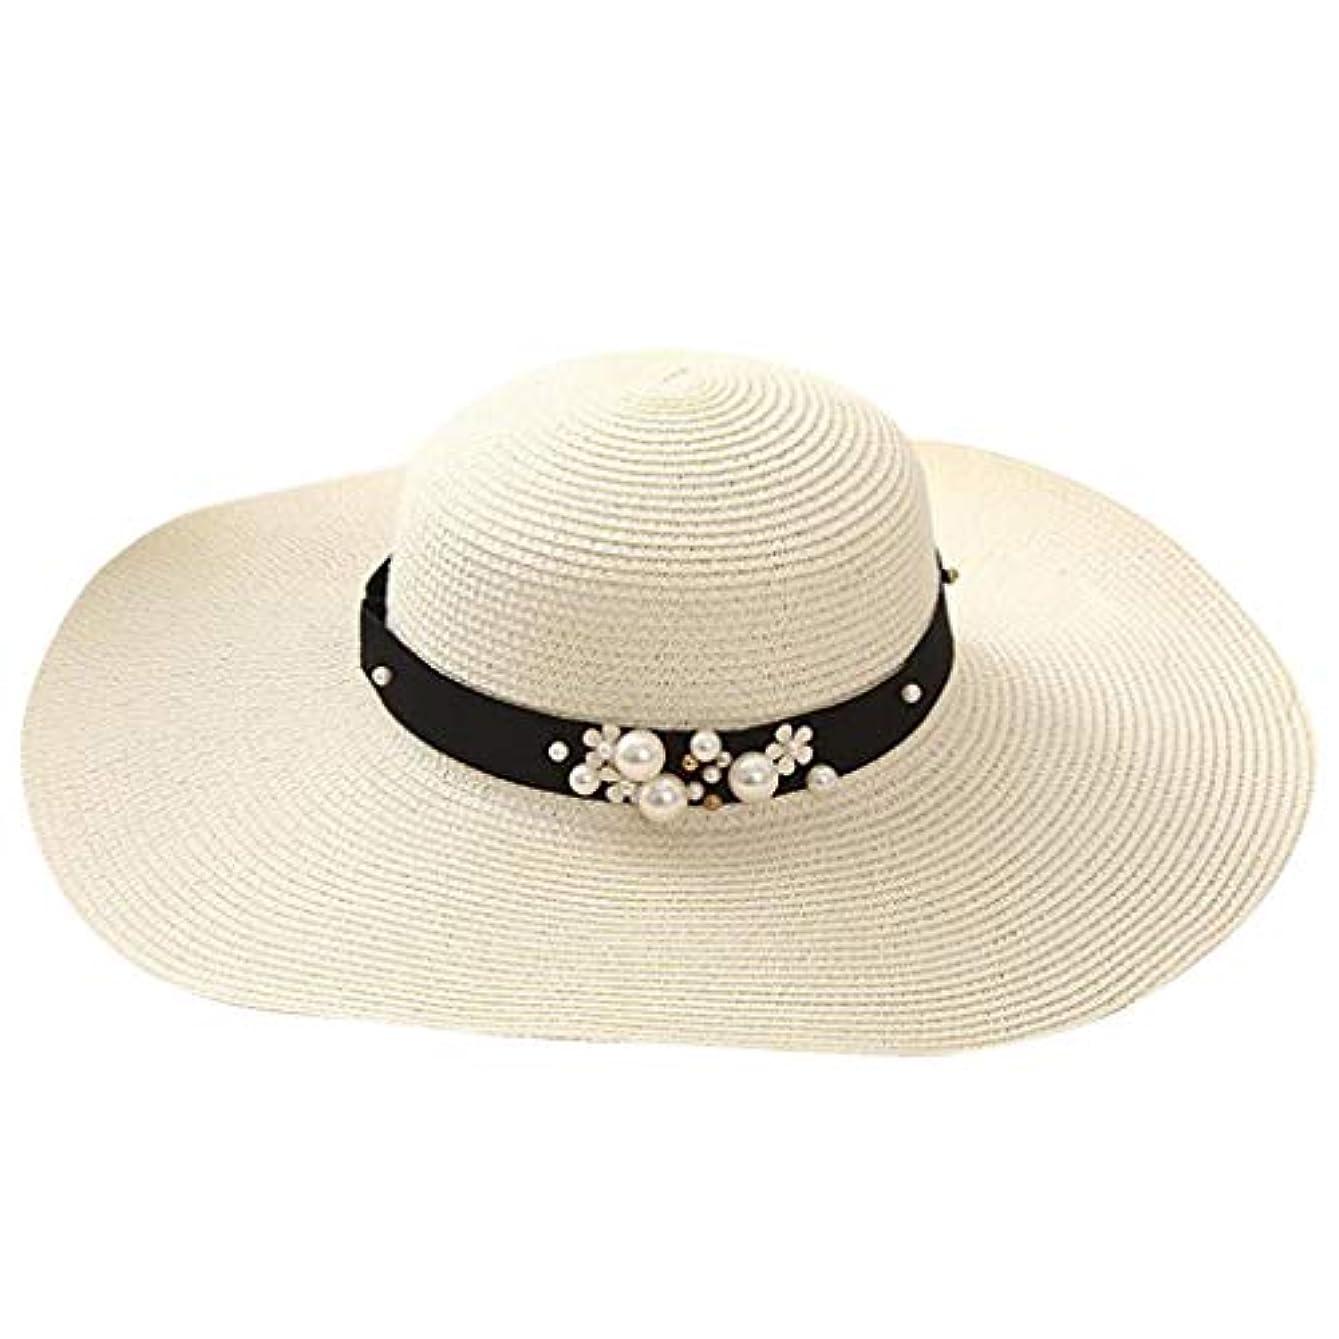 探検味付け使用法漁師の帽子 ROSE ROMAN UVカット 帽子 帽子 レディース 麦わら帽子 UV帽子 紫外線対策 通気性 取り外すあご紐 サイズ調節可 つば広 おしゃれ 可愛い ハット 旅行用 日よけ 夏季 女優帽 小顔効果抜群